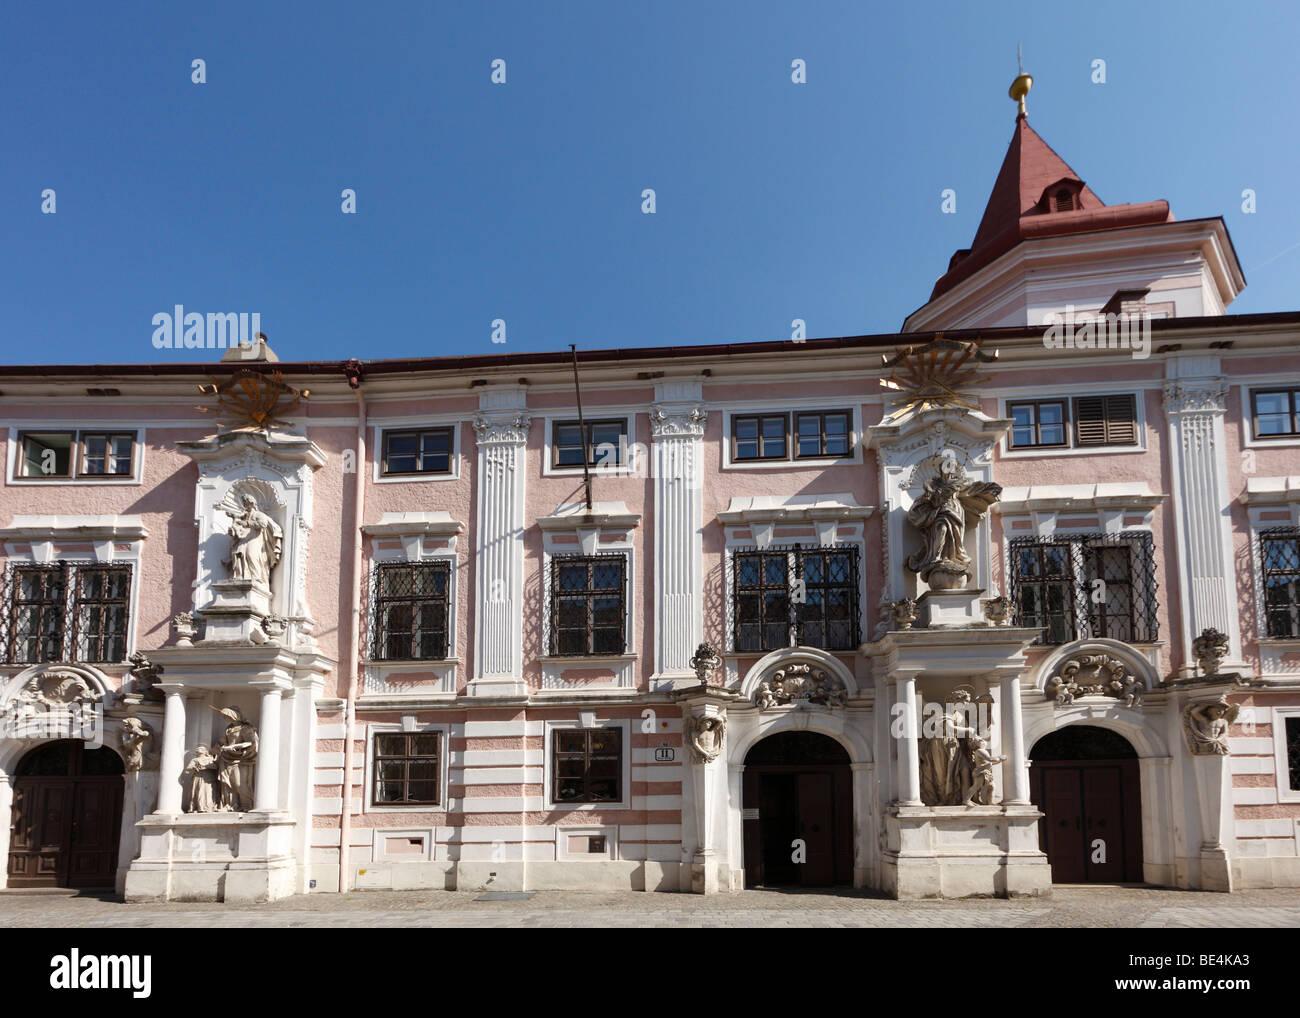 High school 'Englische Fraeulein St. Poelten', Lower Austria, Austria, Europe - Stock Image